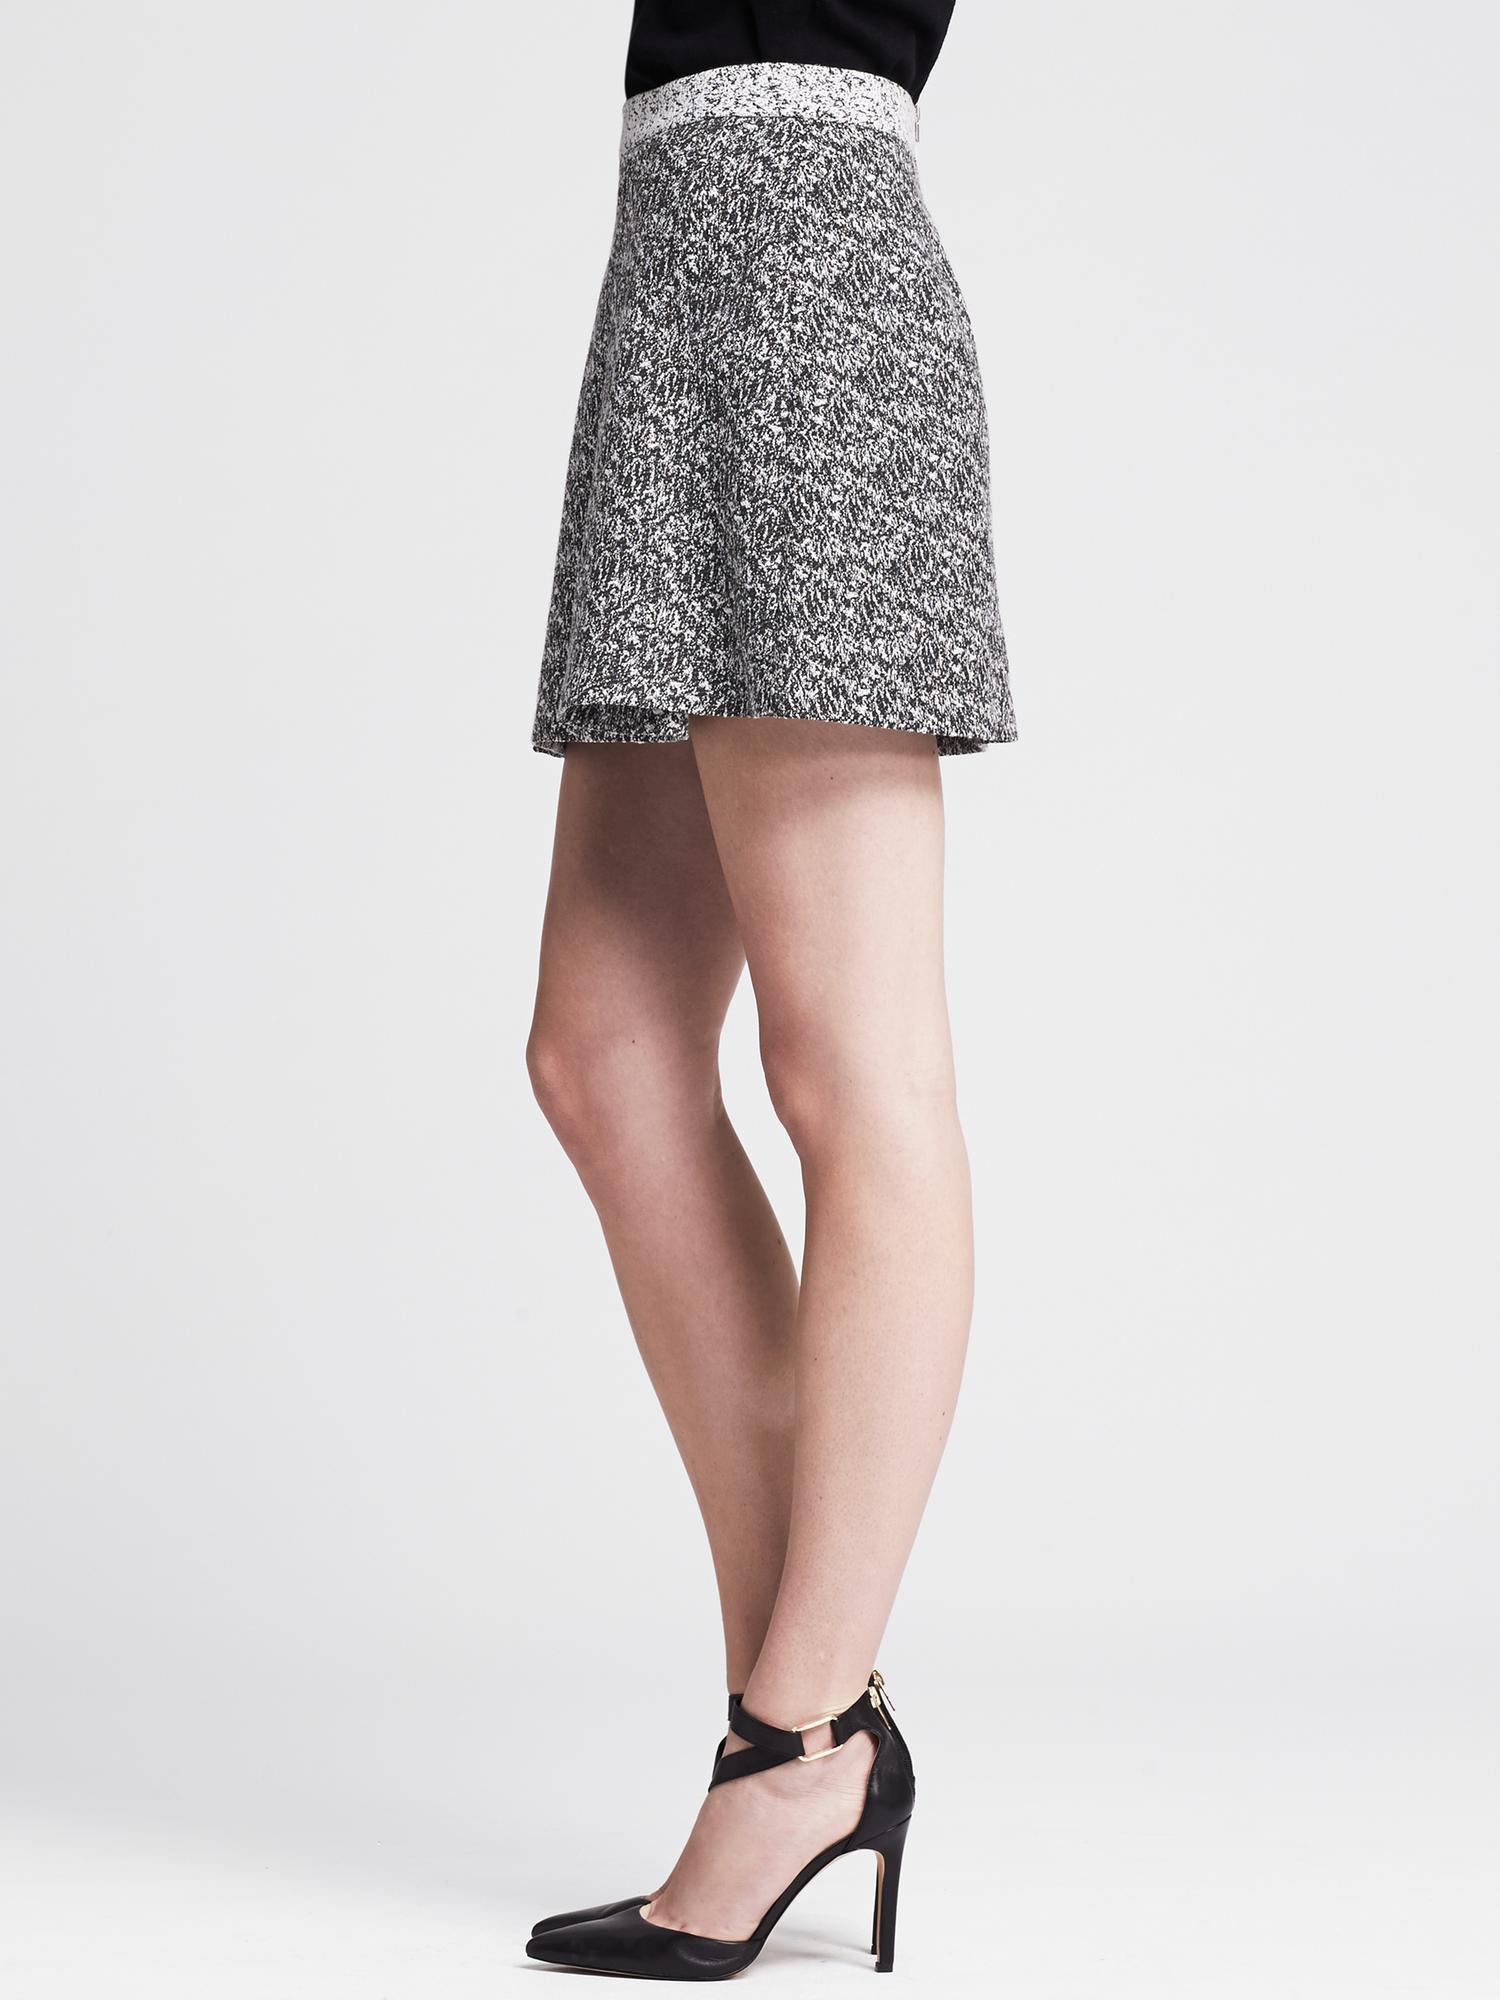 772d665f07 Gallery. Women's High Slit Skirt Women's Full ...